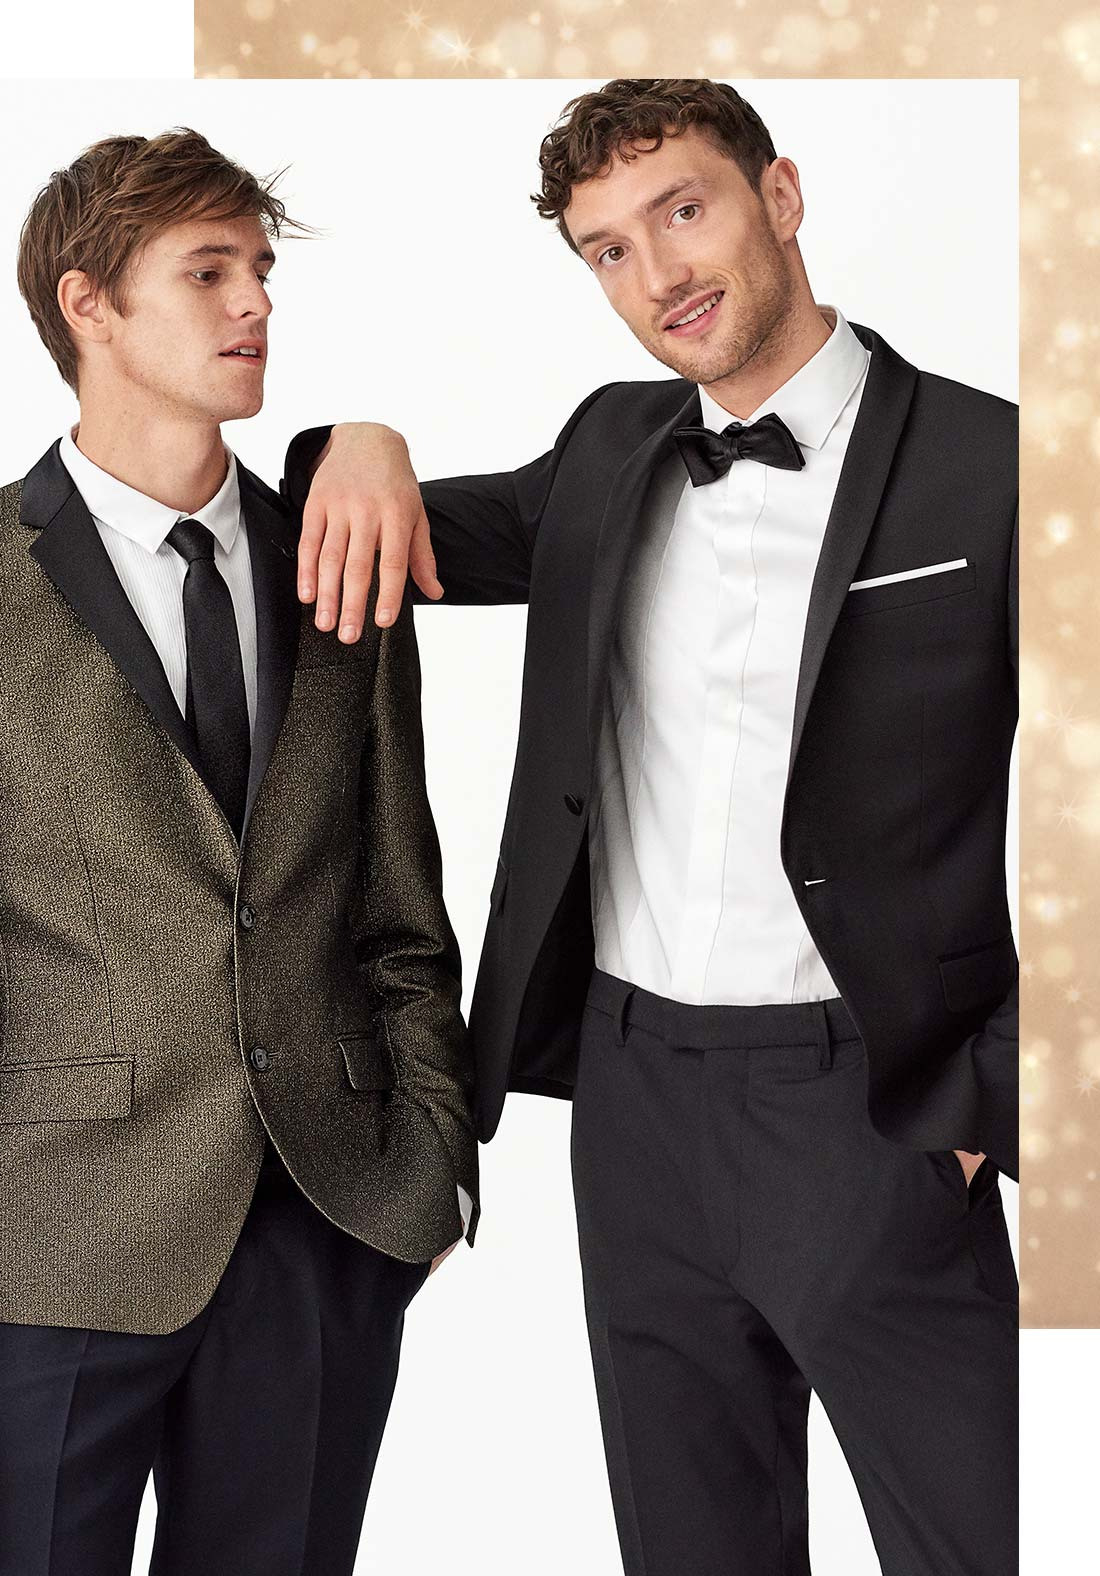 13 Elegant Festliche Abendbekleidung Herren BoutiqueAbend Genial Festliche Abendbekleidung Herren Stylish